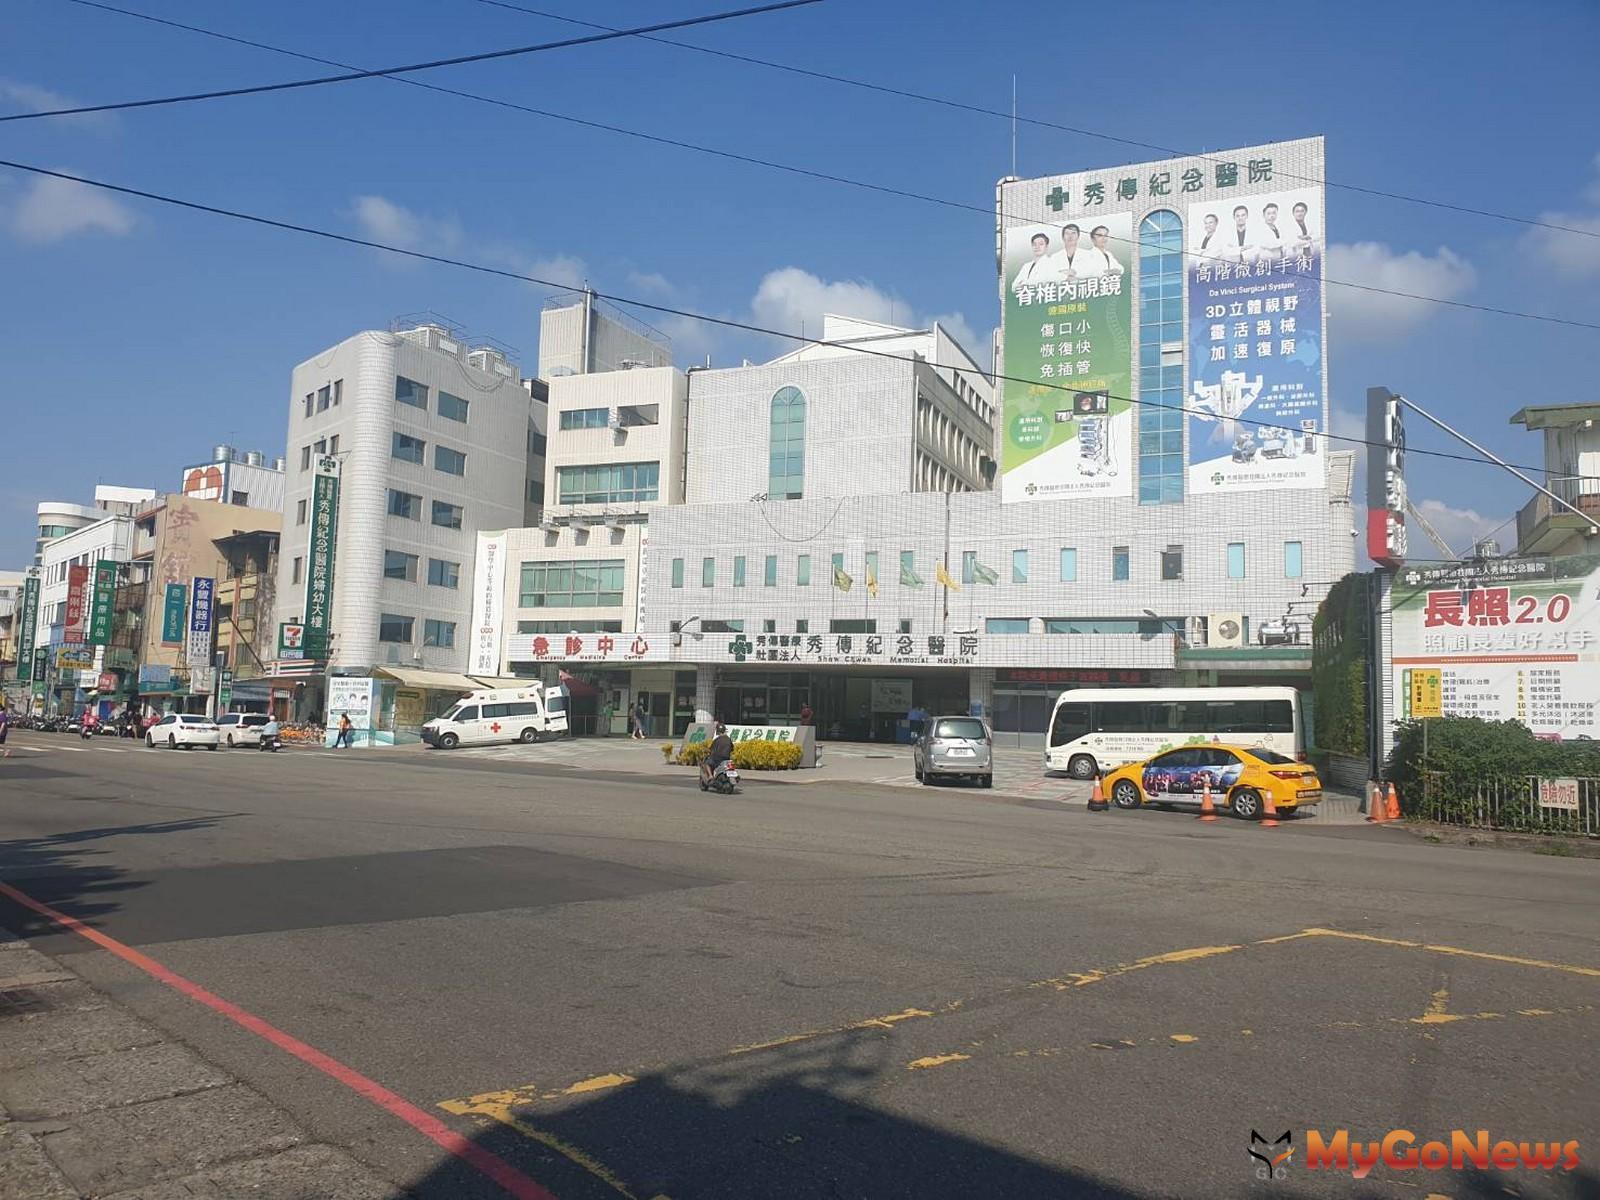 秀傳醫院為彰化市指標醫學中心(圖/東森房屋) MyGoNews房地產新聞 區域情報